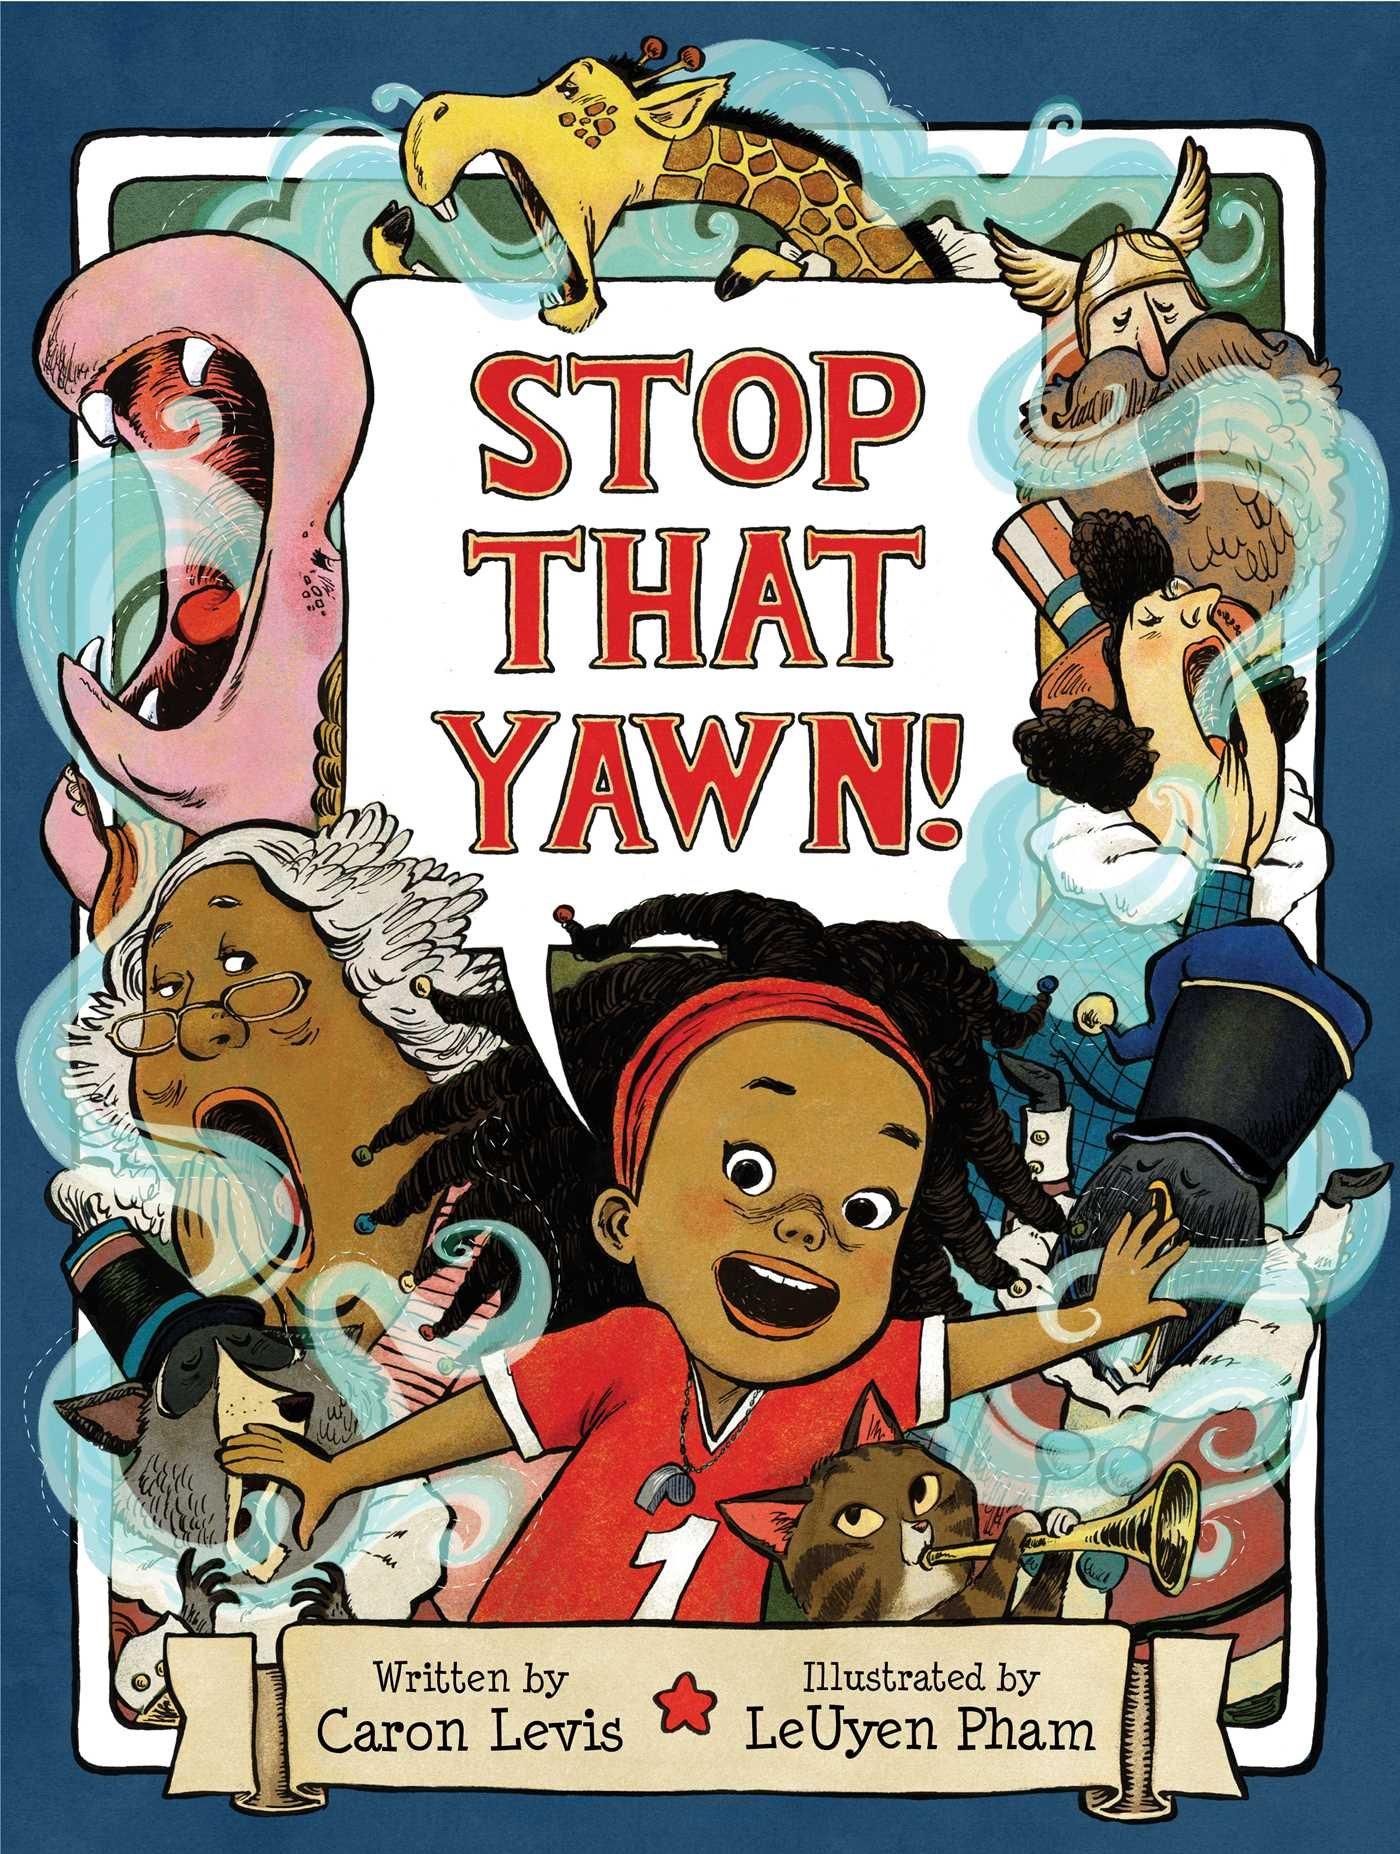 Stop that yawn.jpg